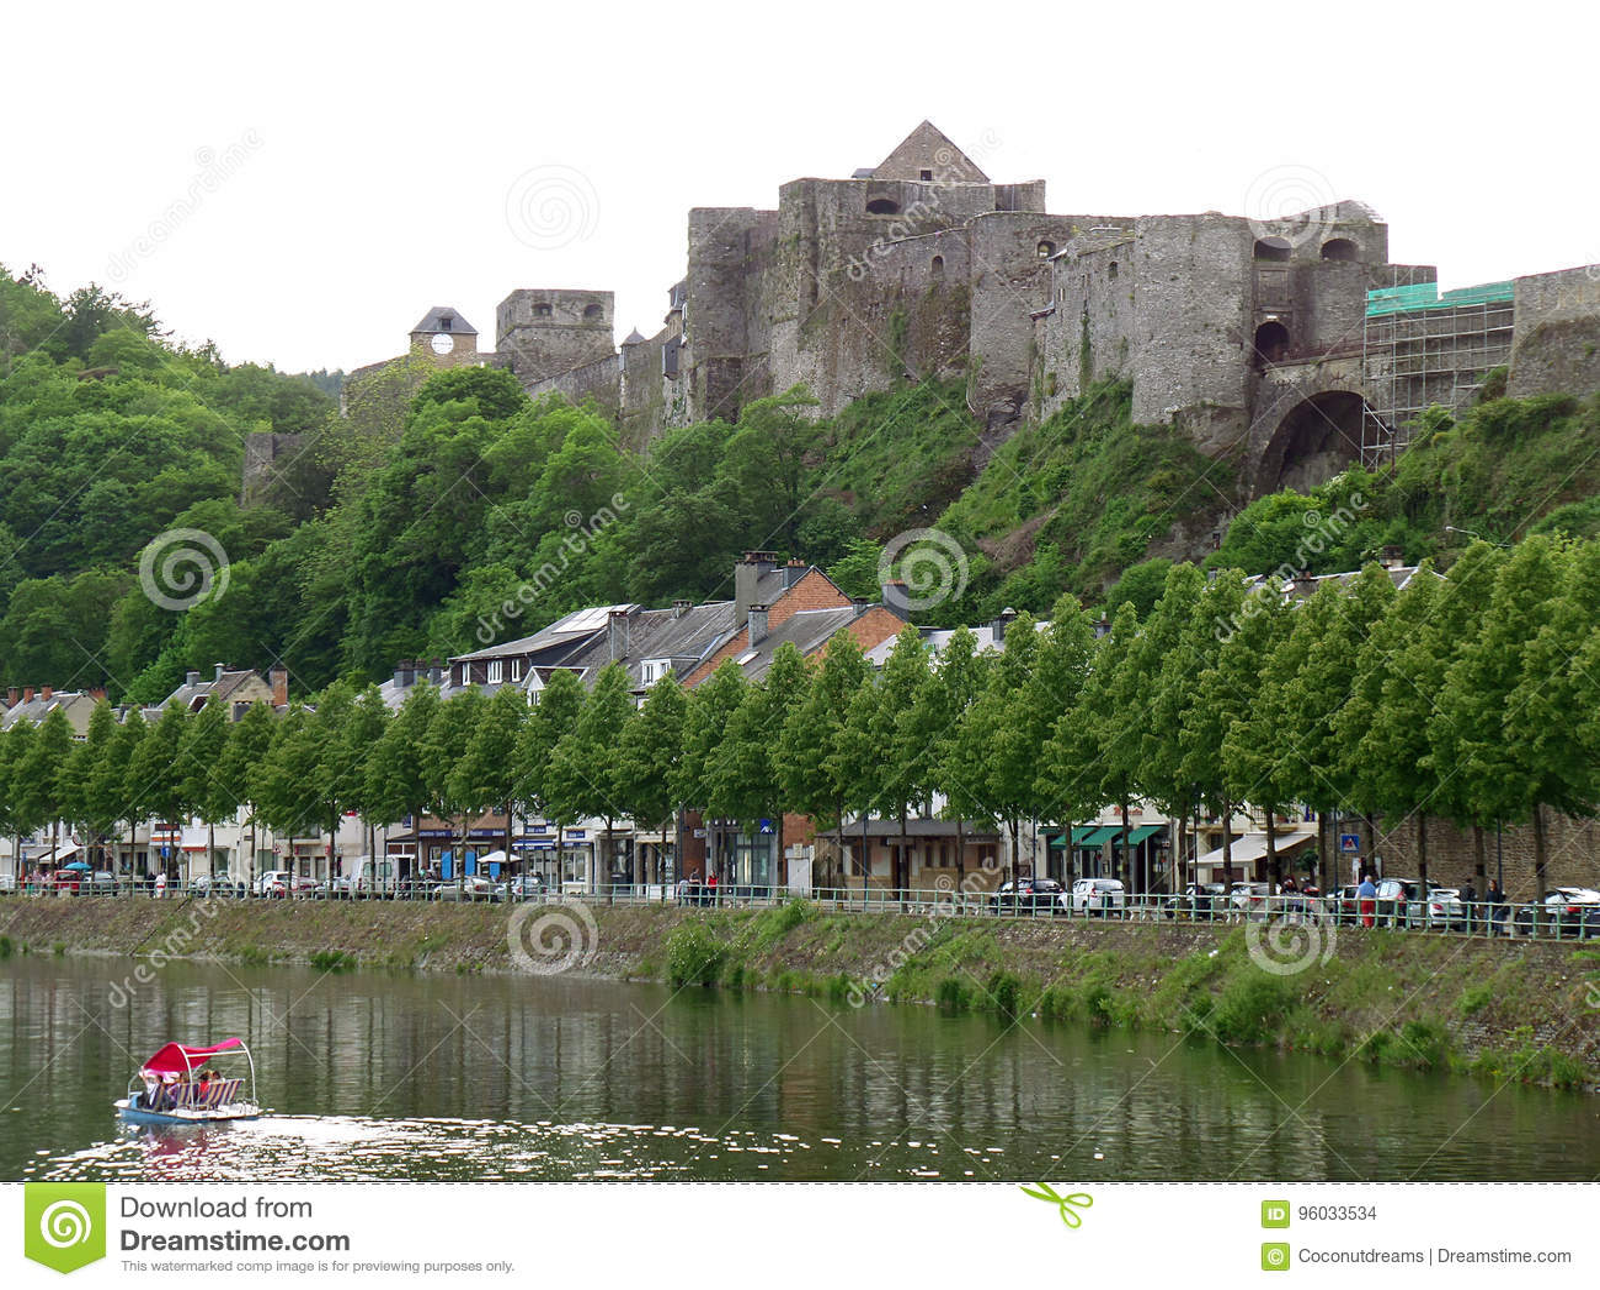 Mittelalterliche Festung der Fleischbrühe auf dem Gipfel der Fleischbrühe, Belgien